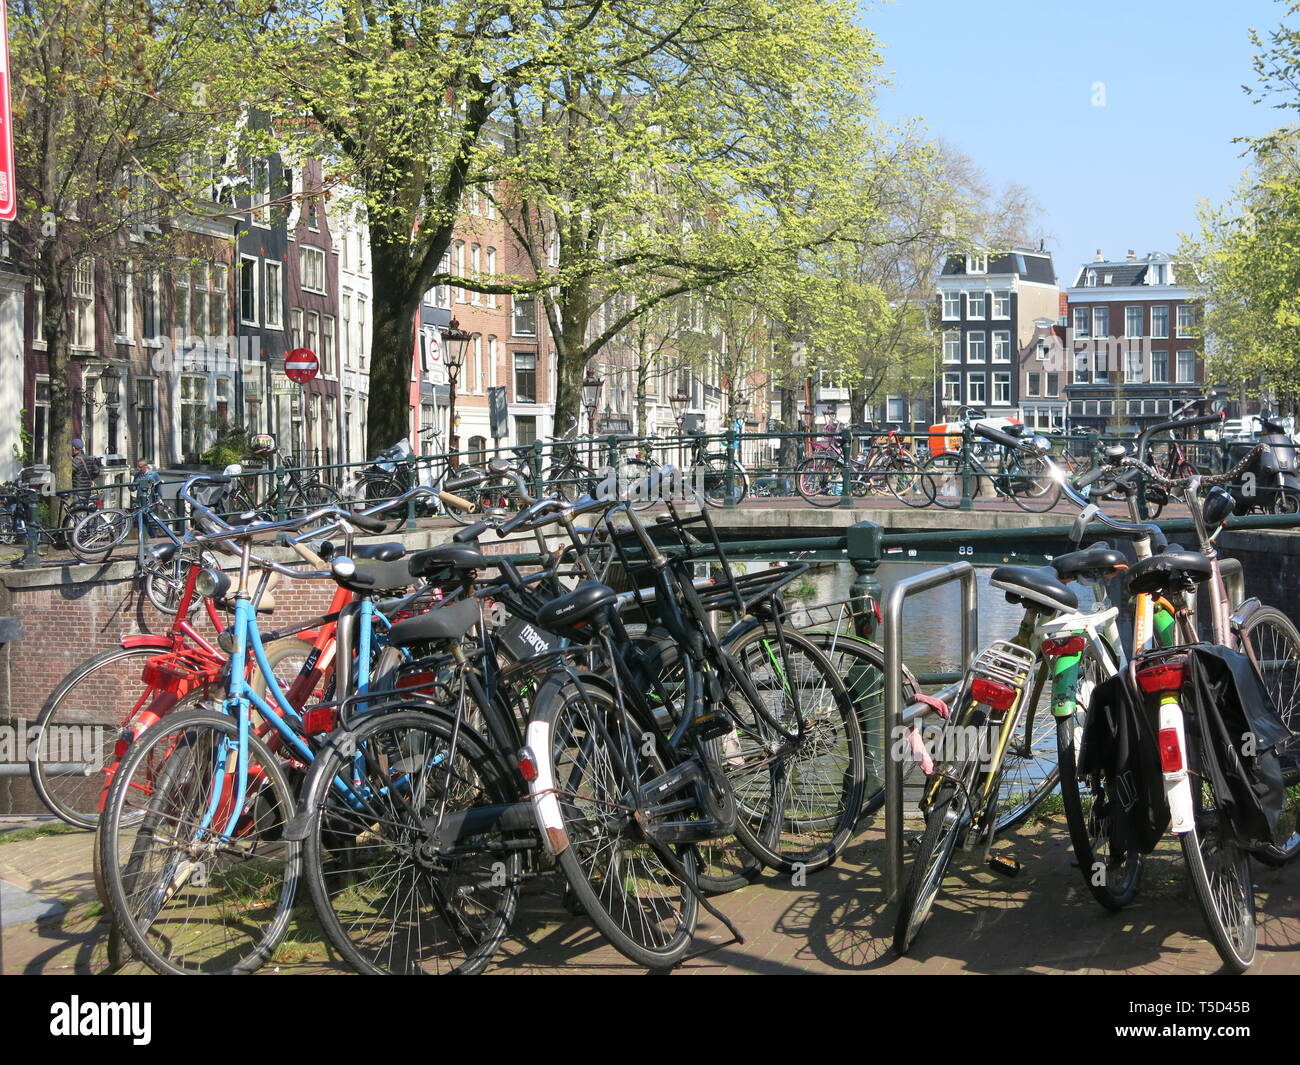 Fahrräder sind überall in Amsterdam, auf Kanal Brücken geparkt, in Regalen an der Gracht & so weit das Auge sehen kann; sehr beliebtes Fortbewegungsmittel Stockfoto